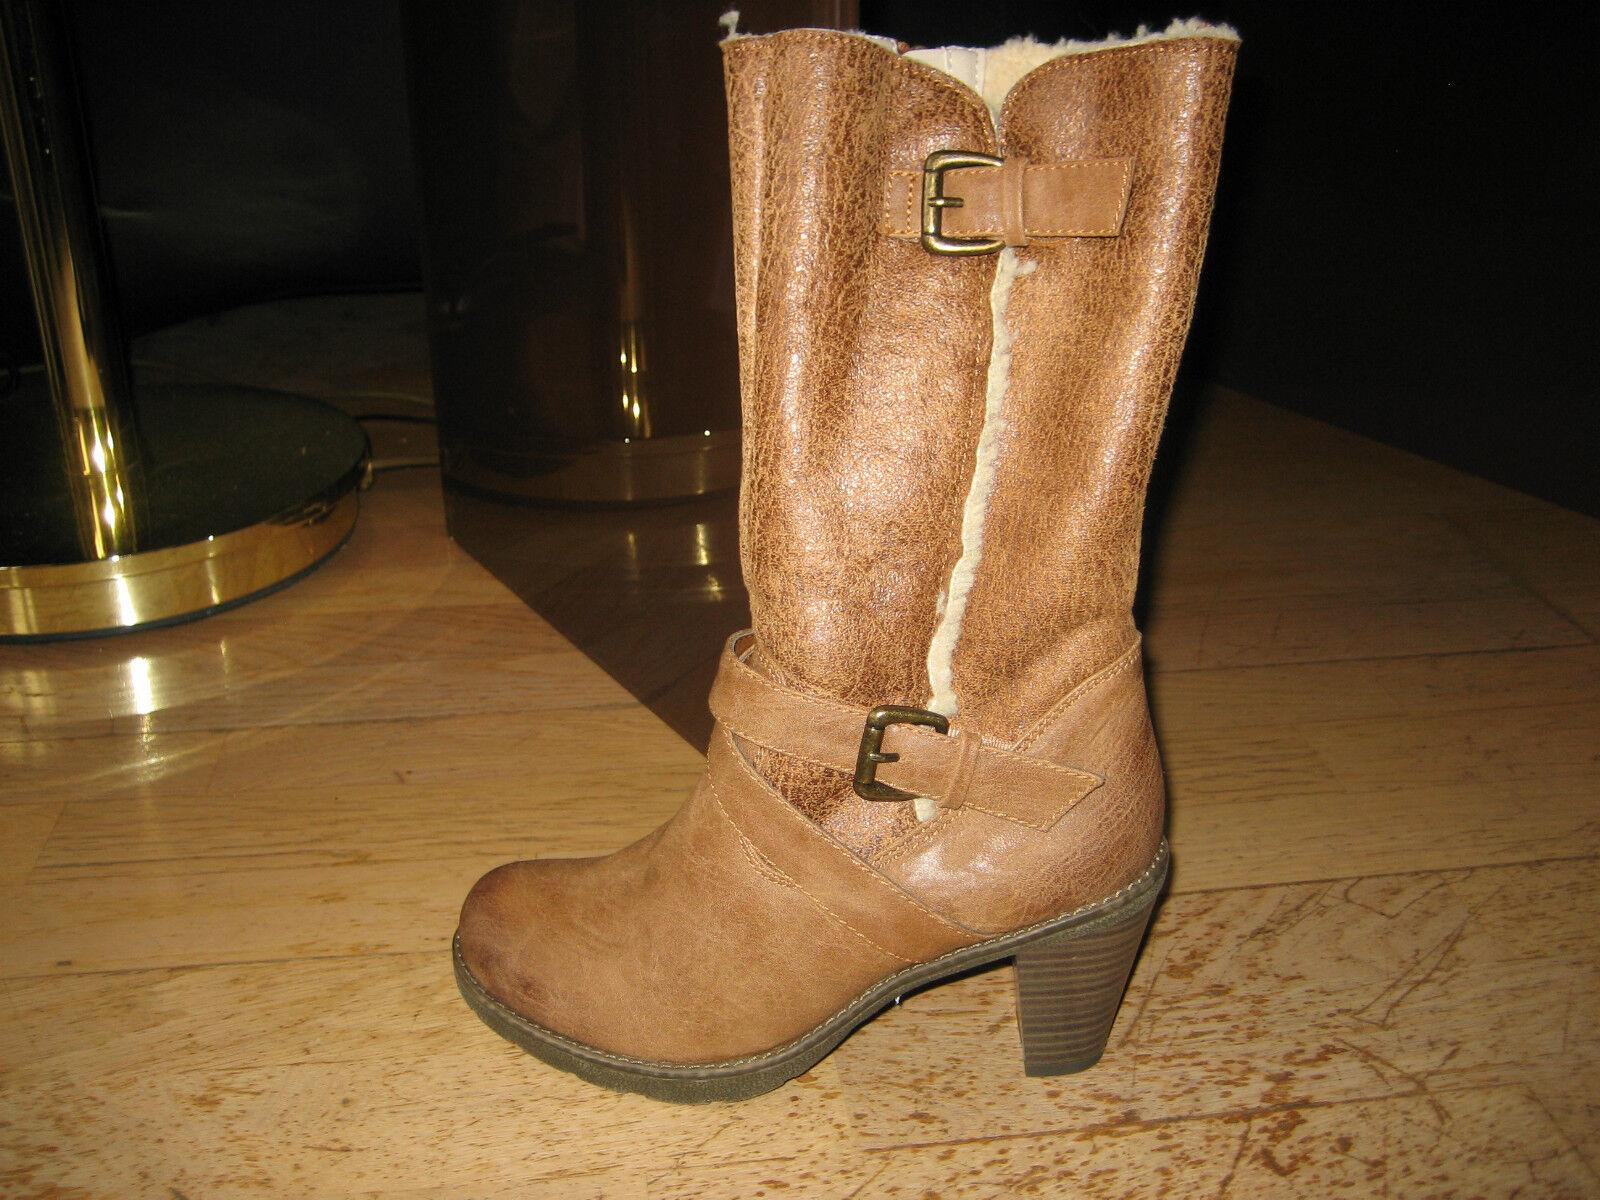 Winterstiefel Stiefel gefüttert braun Günstige und gute Schuhe